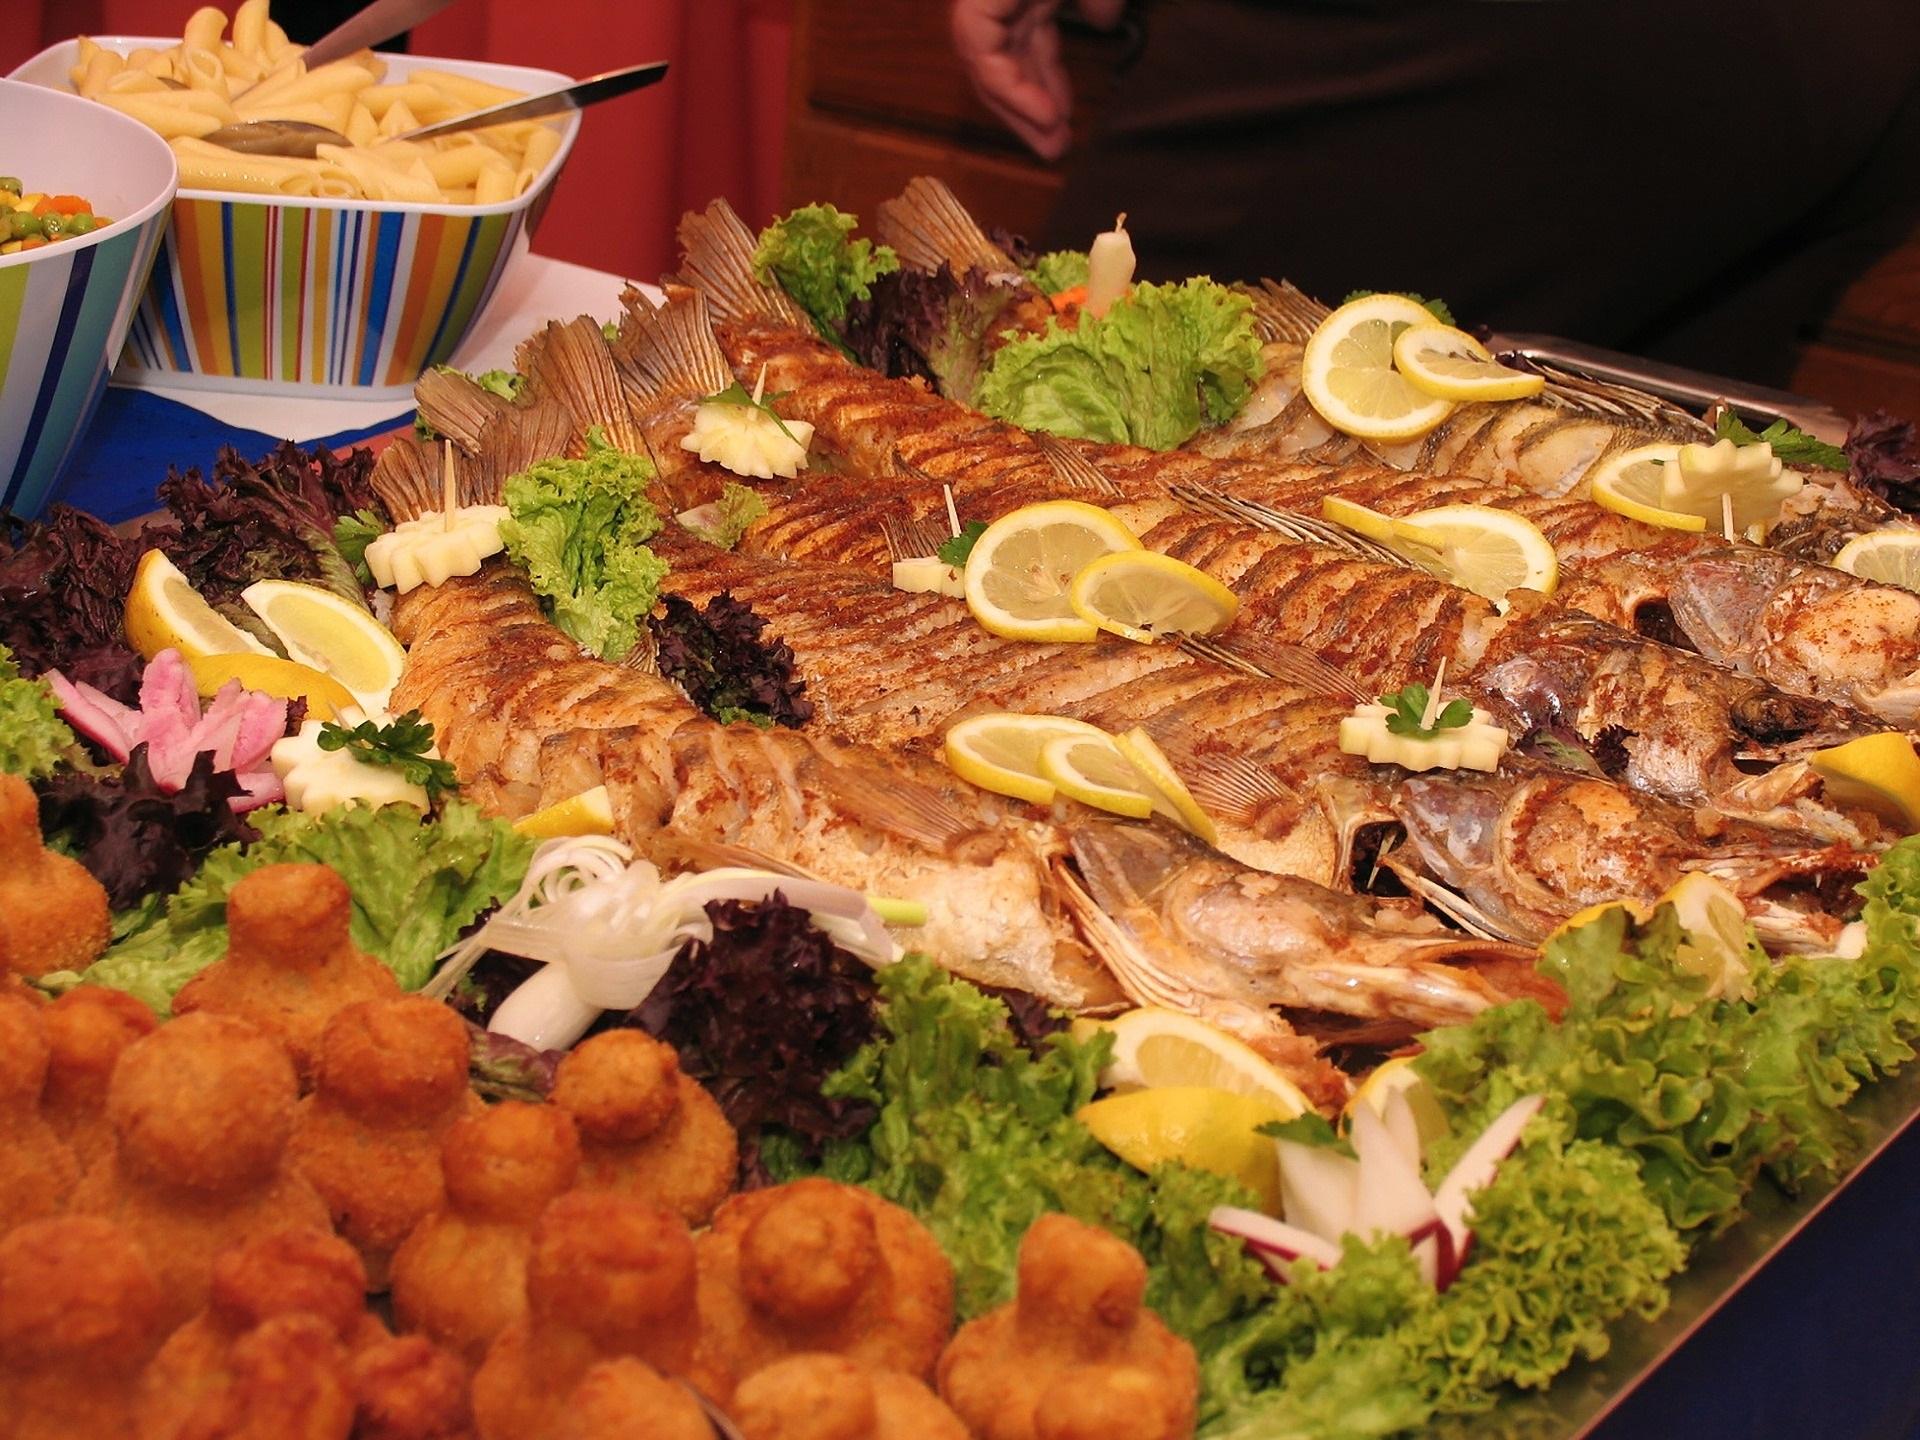 Hochzeitsbuffet mit Fisch und vielen Zitronenscheiben